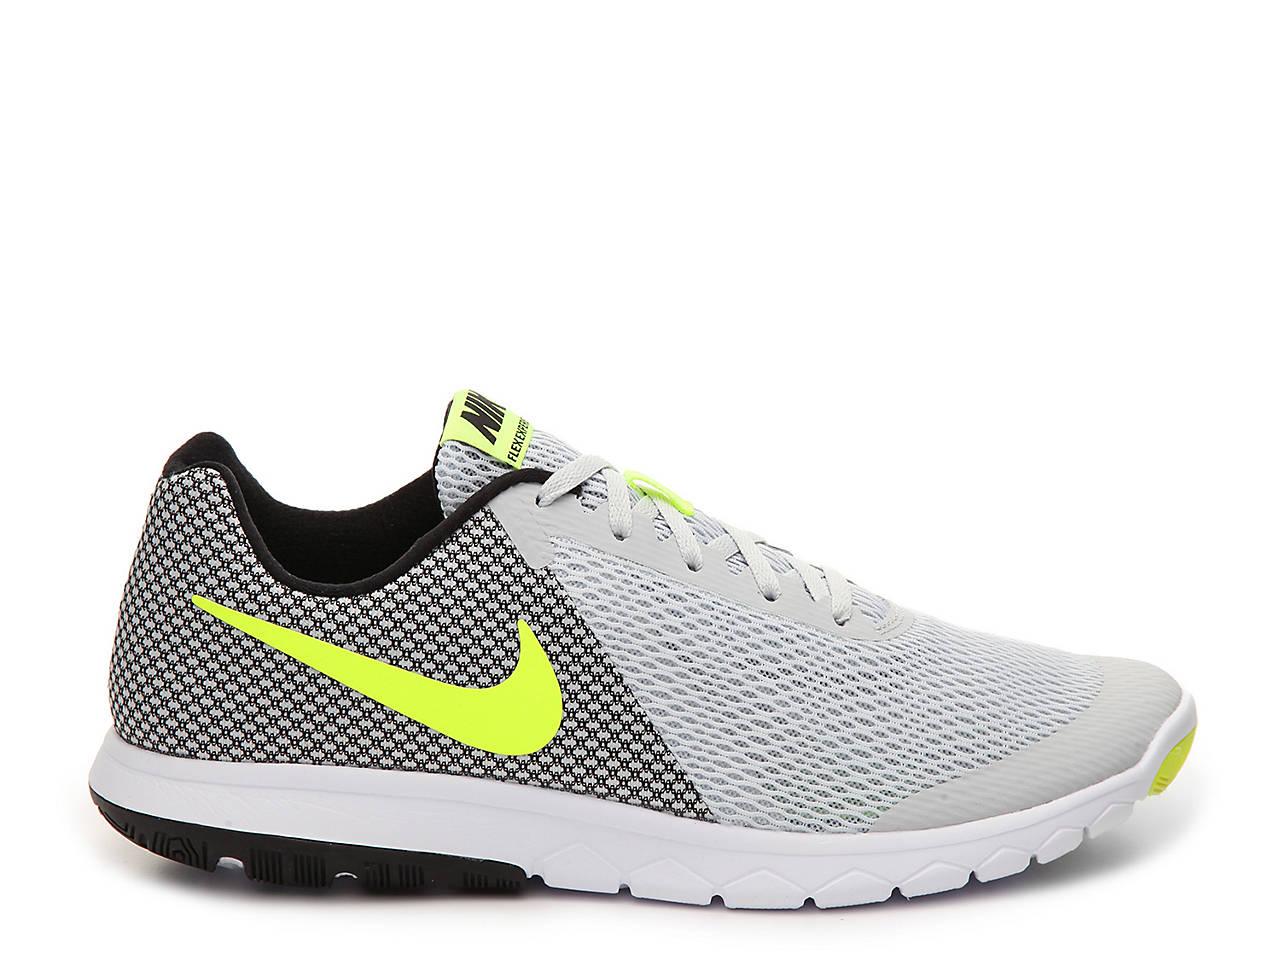 nike flex esperienza correre 6 leggera scarpa da corsa, gli uomini